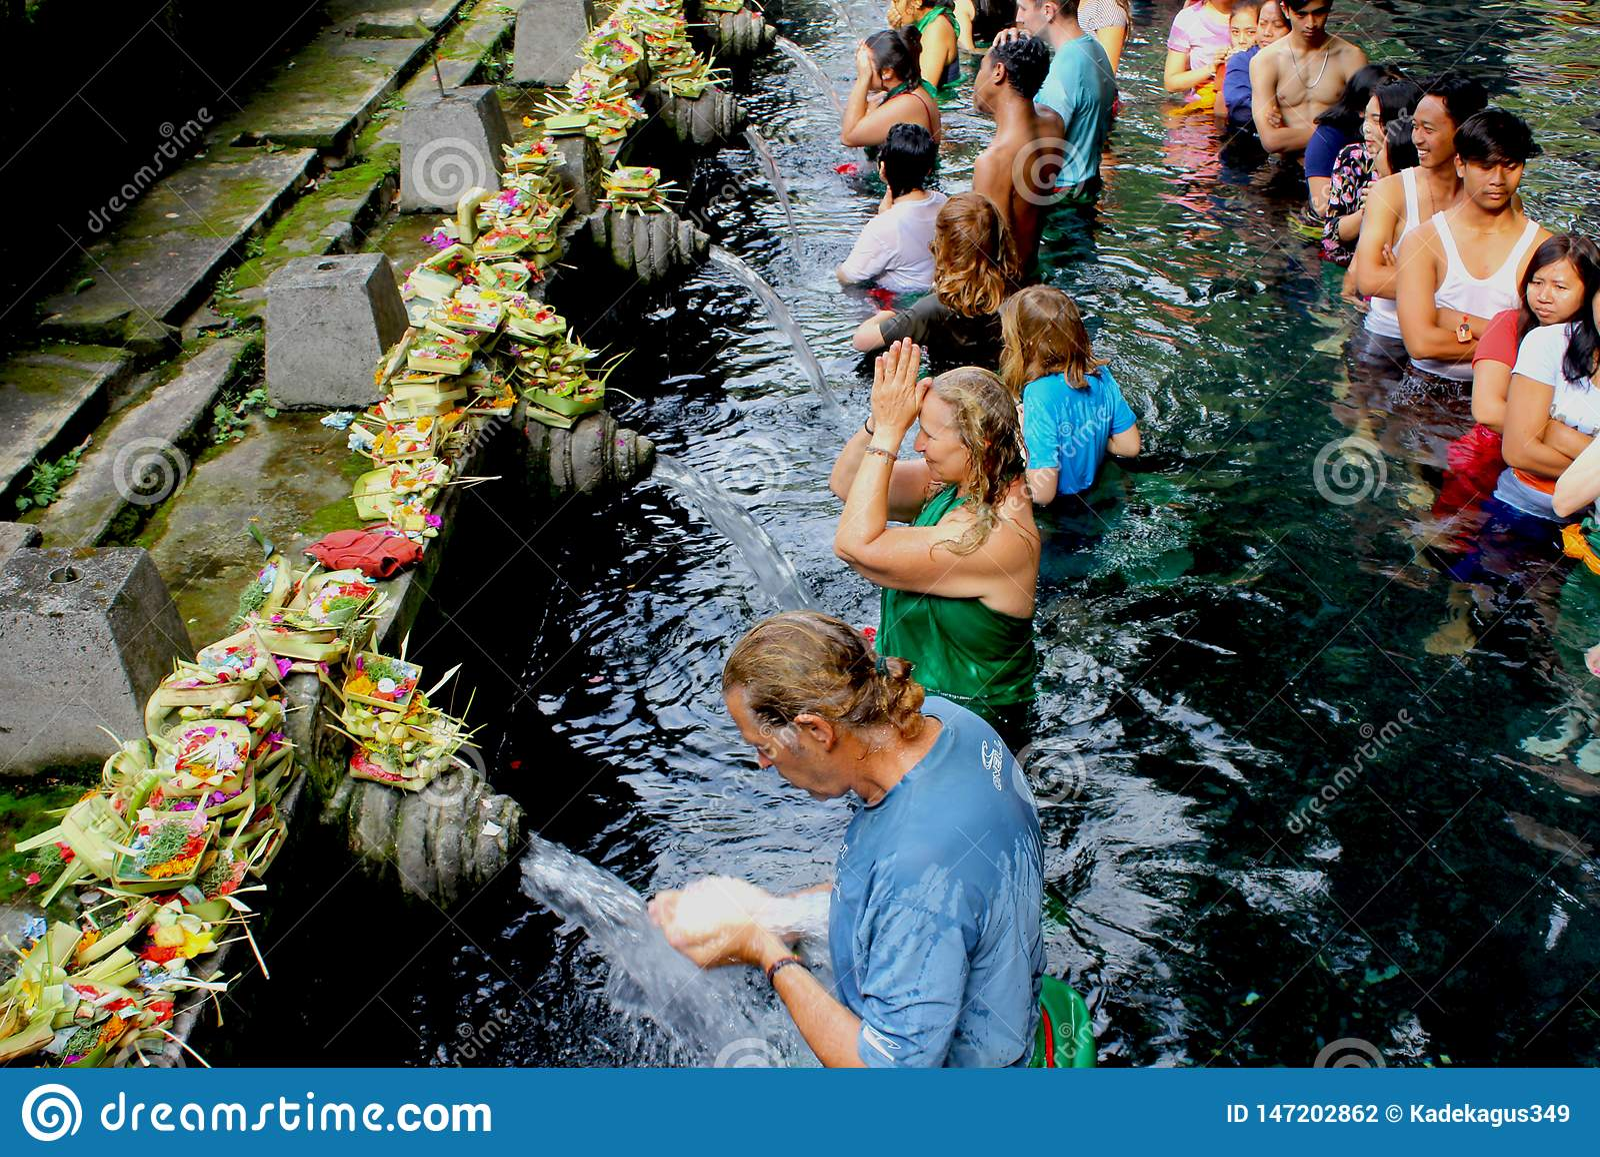 Świętej wody świątynia w Bali